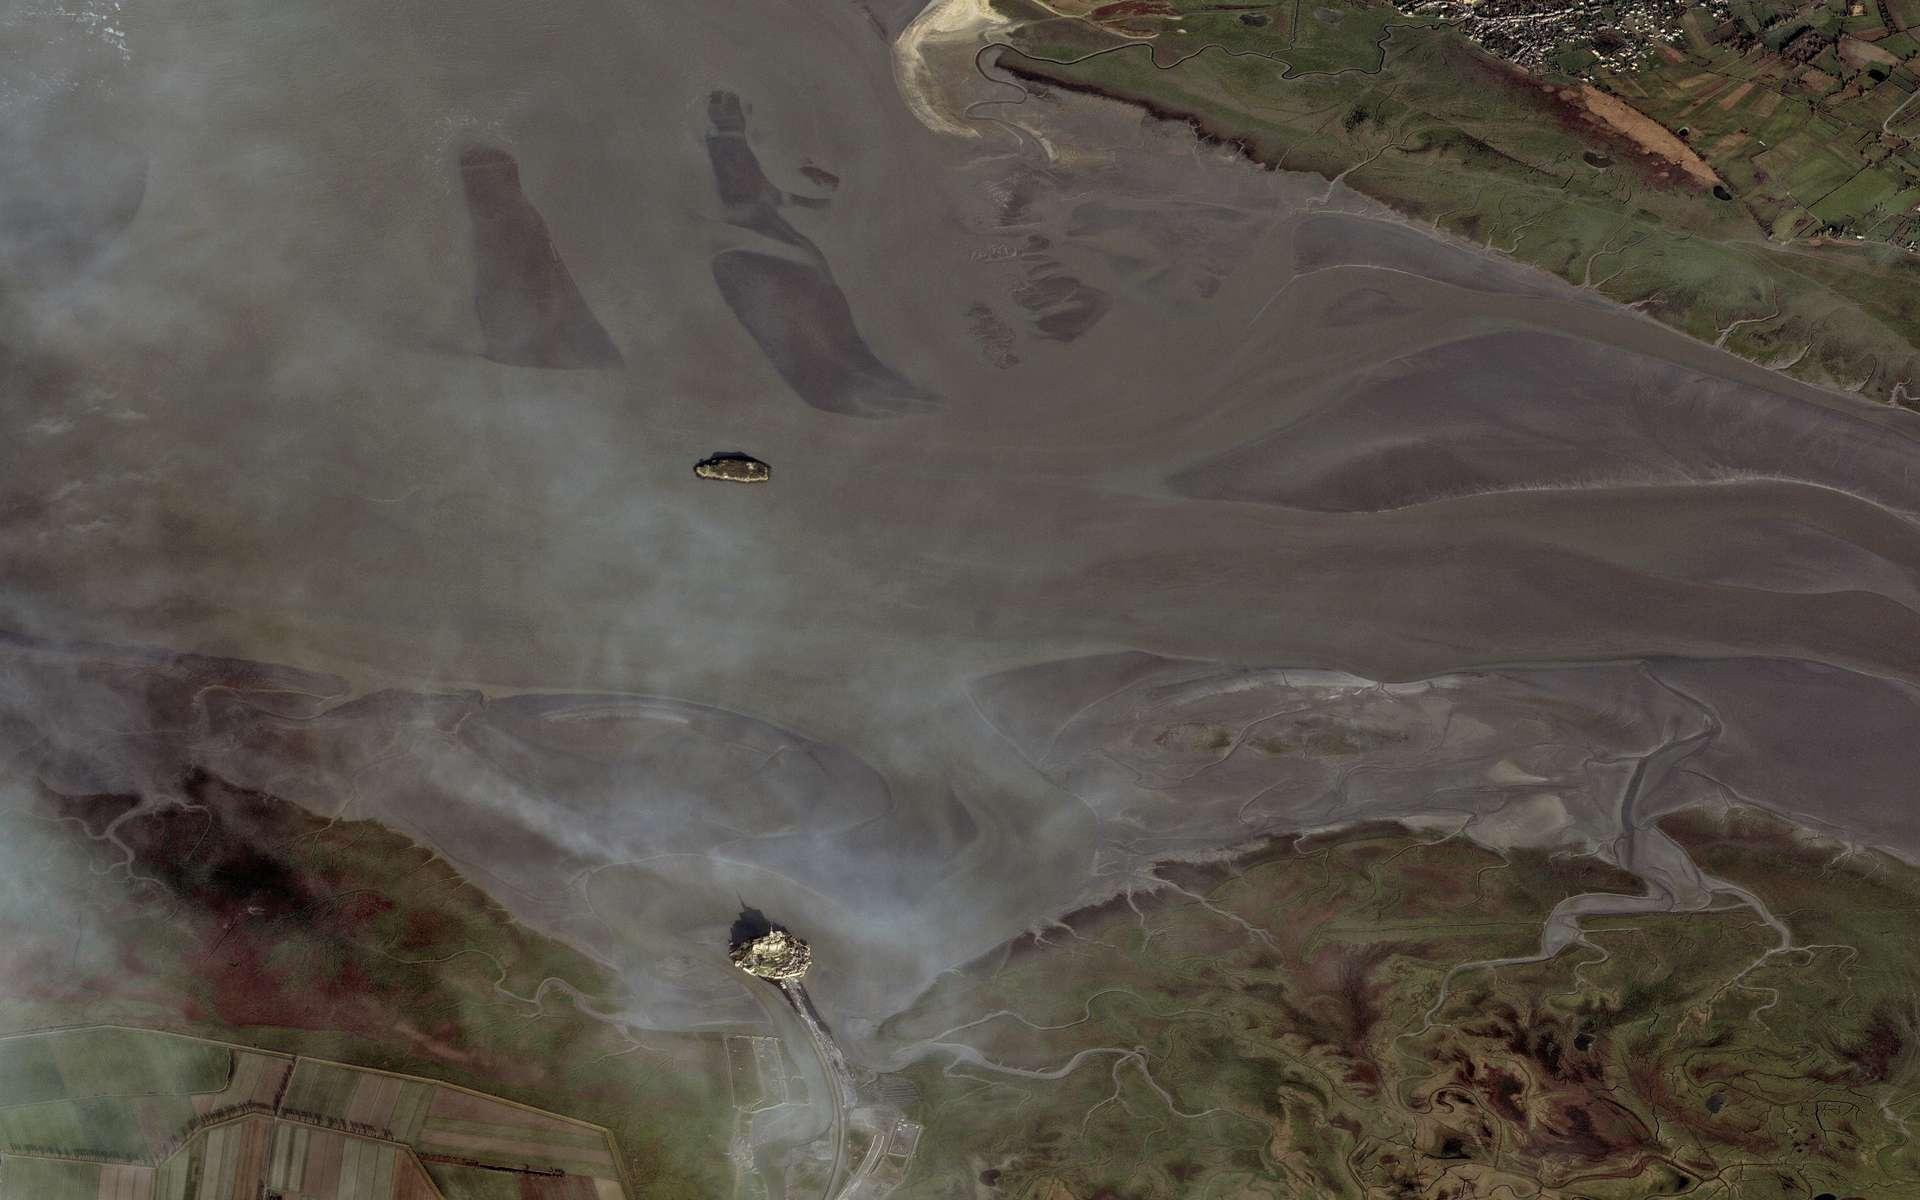 Le mont Saint-Michel photographié le 3 mai 2012 par le satellite Pléiades lors des grandes marées. © Cnes 2012/Astrium Services/Spot Image